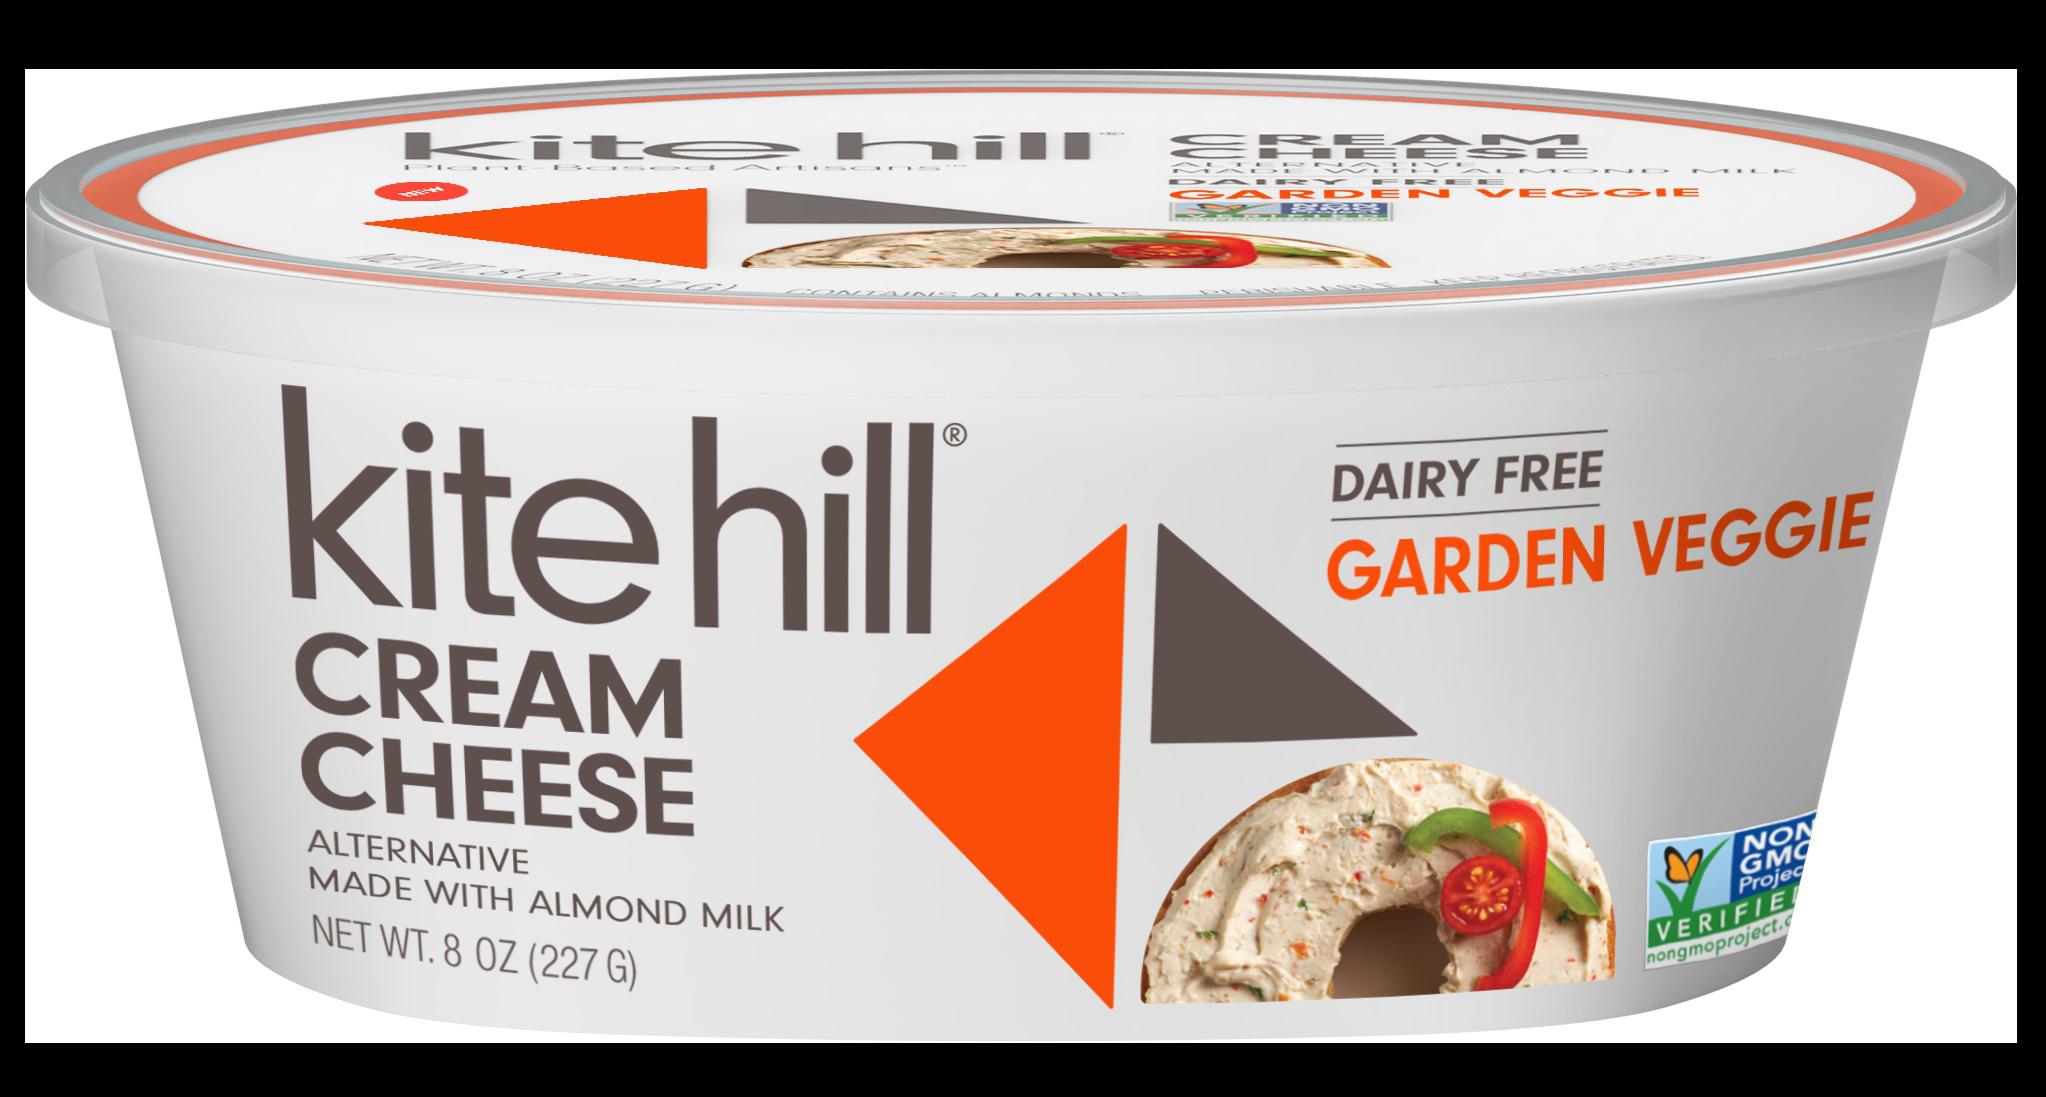 Kite Hill Dairy Free Cream Cheese Alternative In 2020 Cheese Alternatives Dairy Free Cream Cheese Cream Cheese